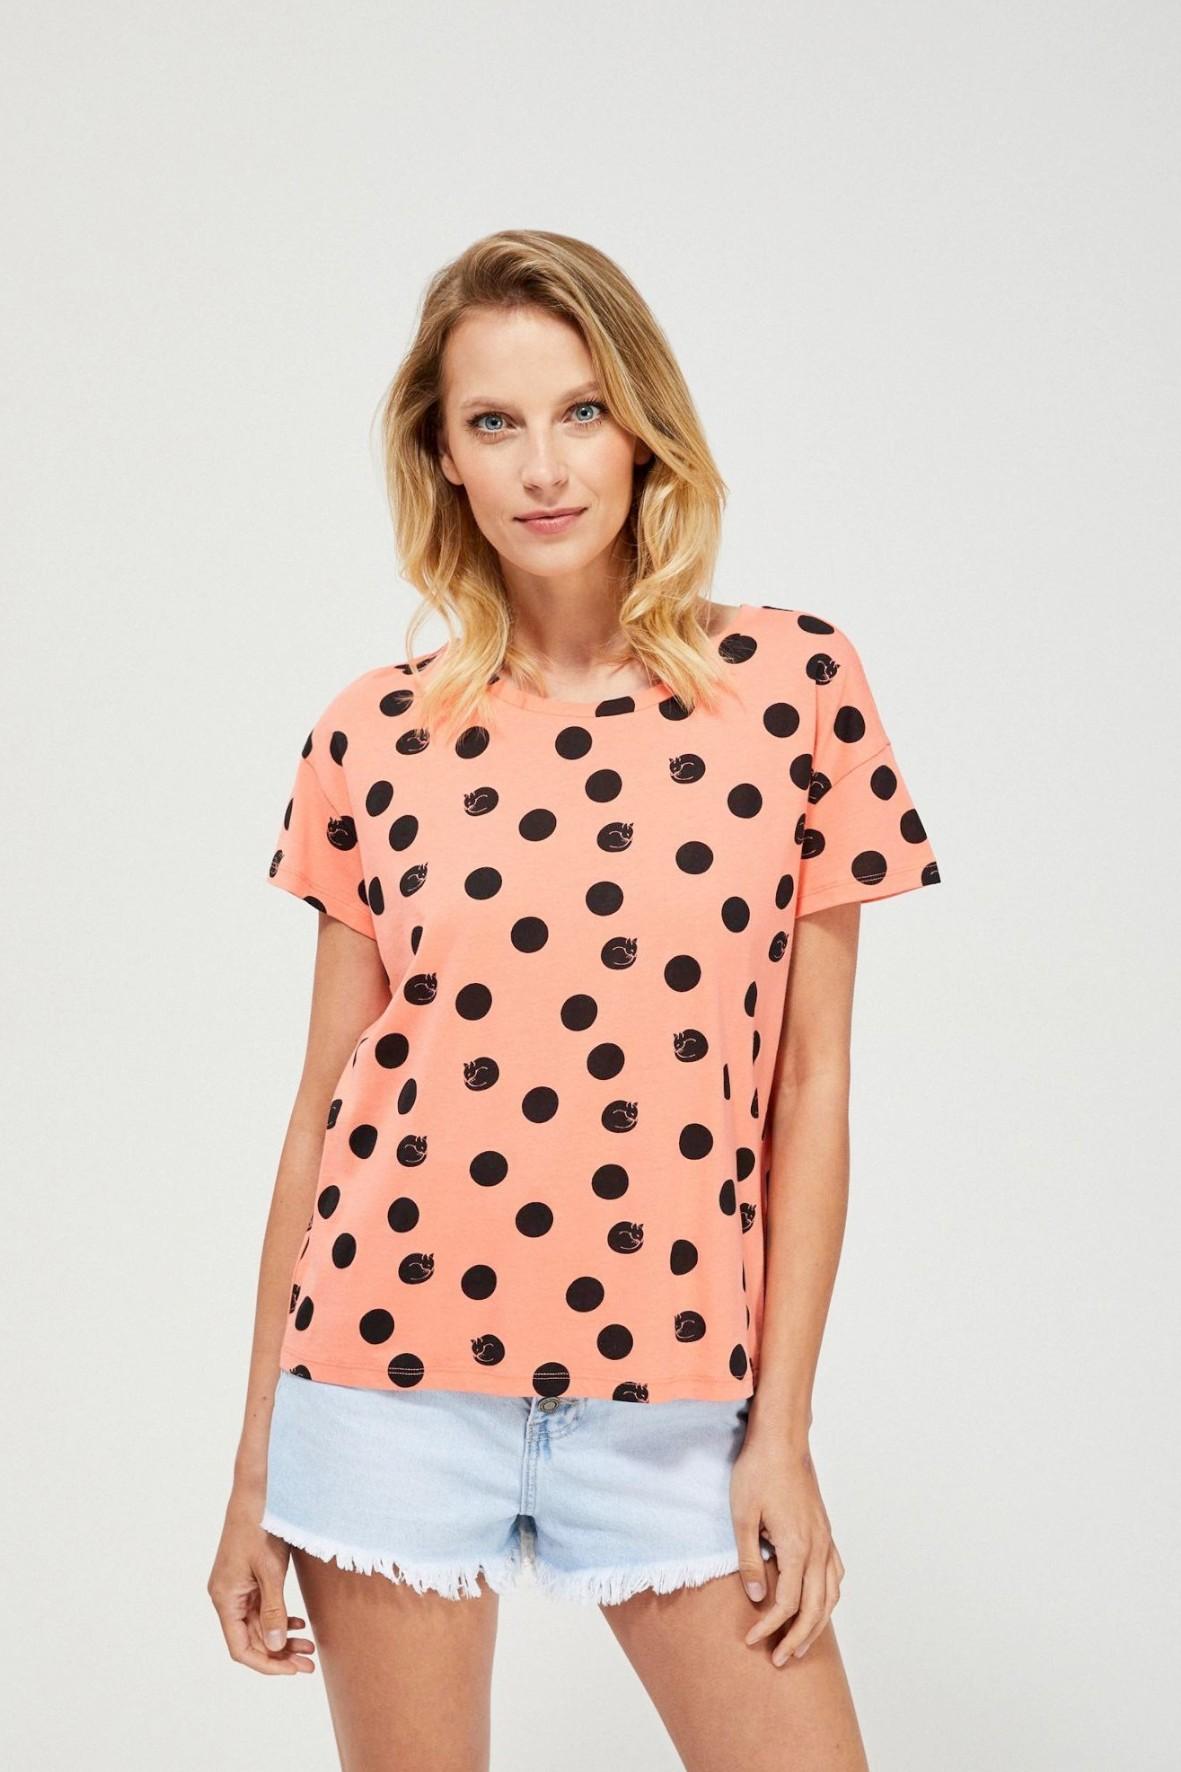 Bawełniany pomarańczowy  t-shirt damski na krótki rękaw w czarne kropki